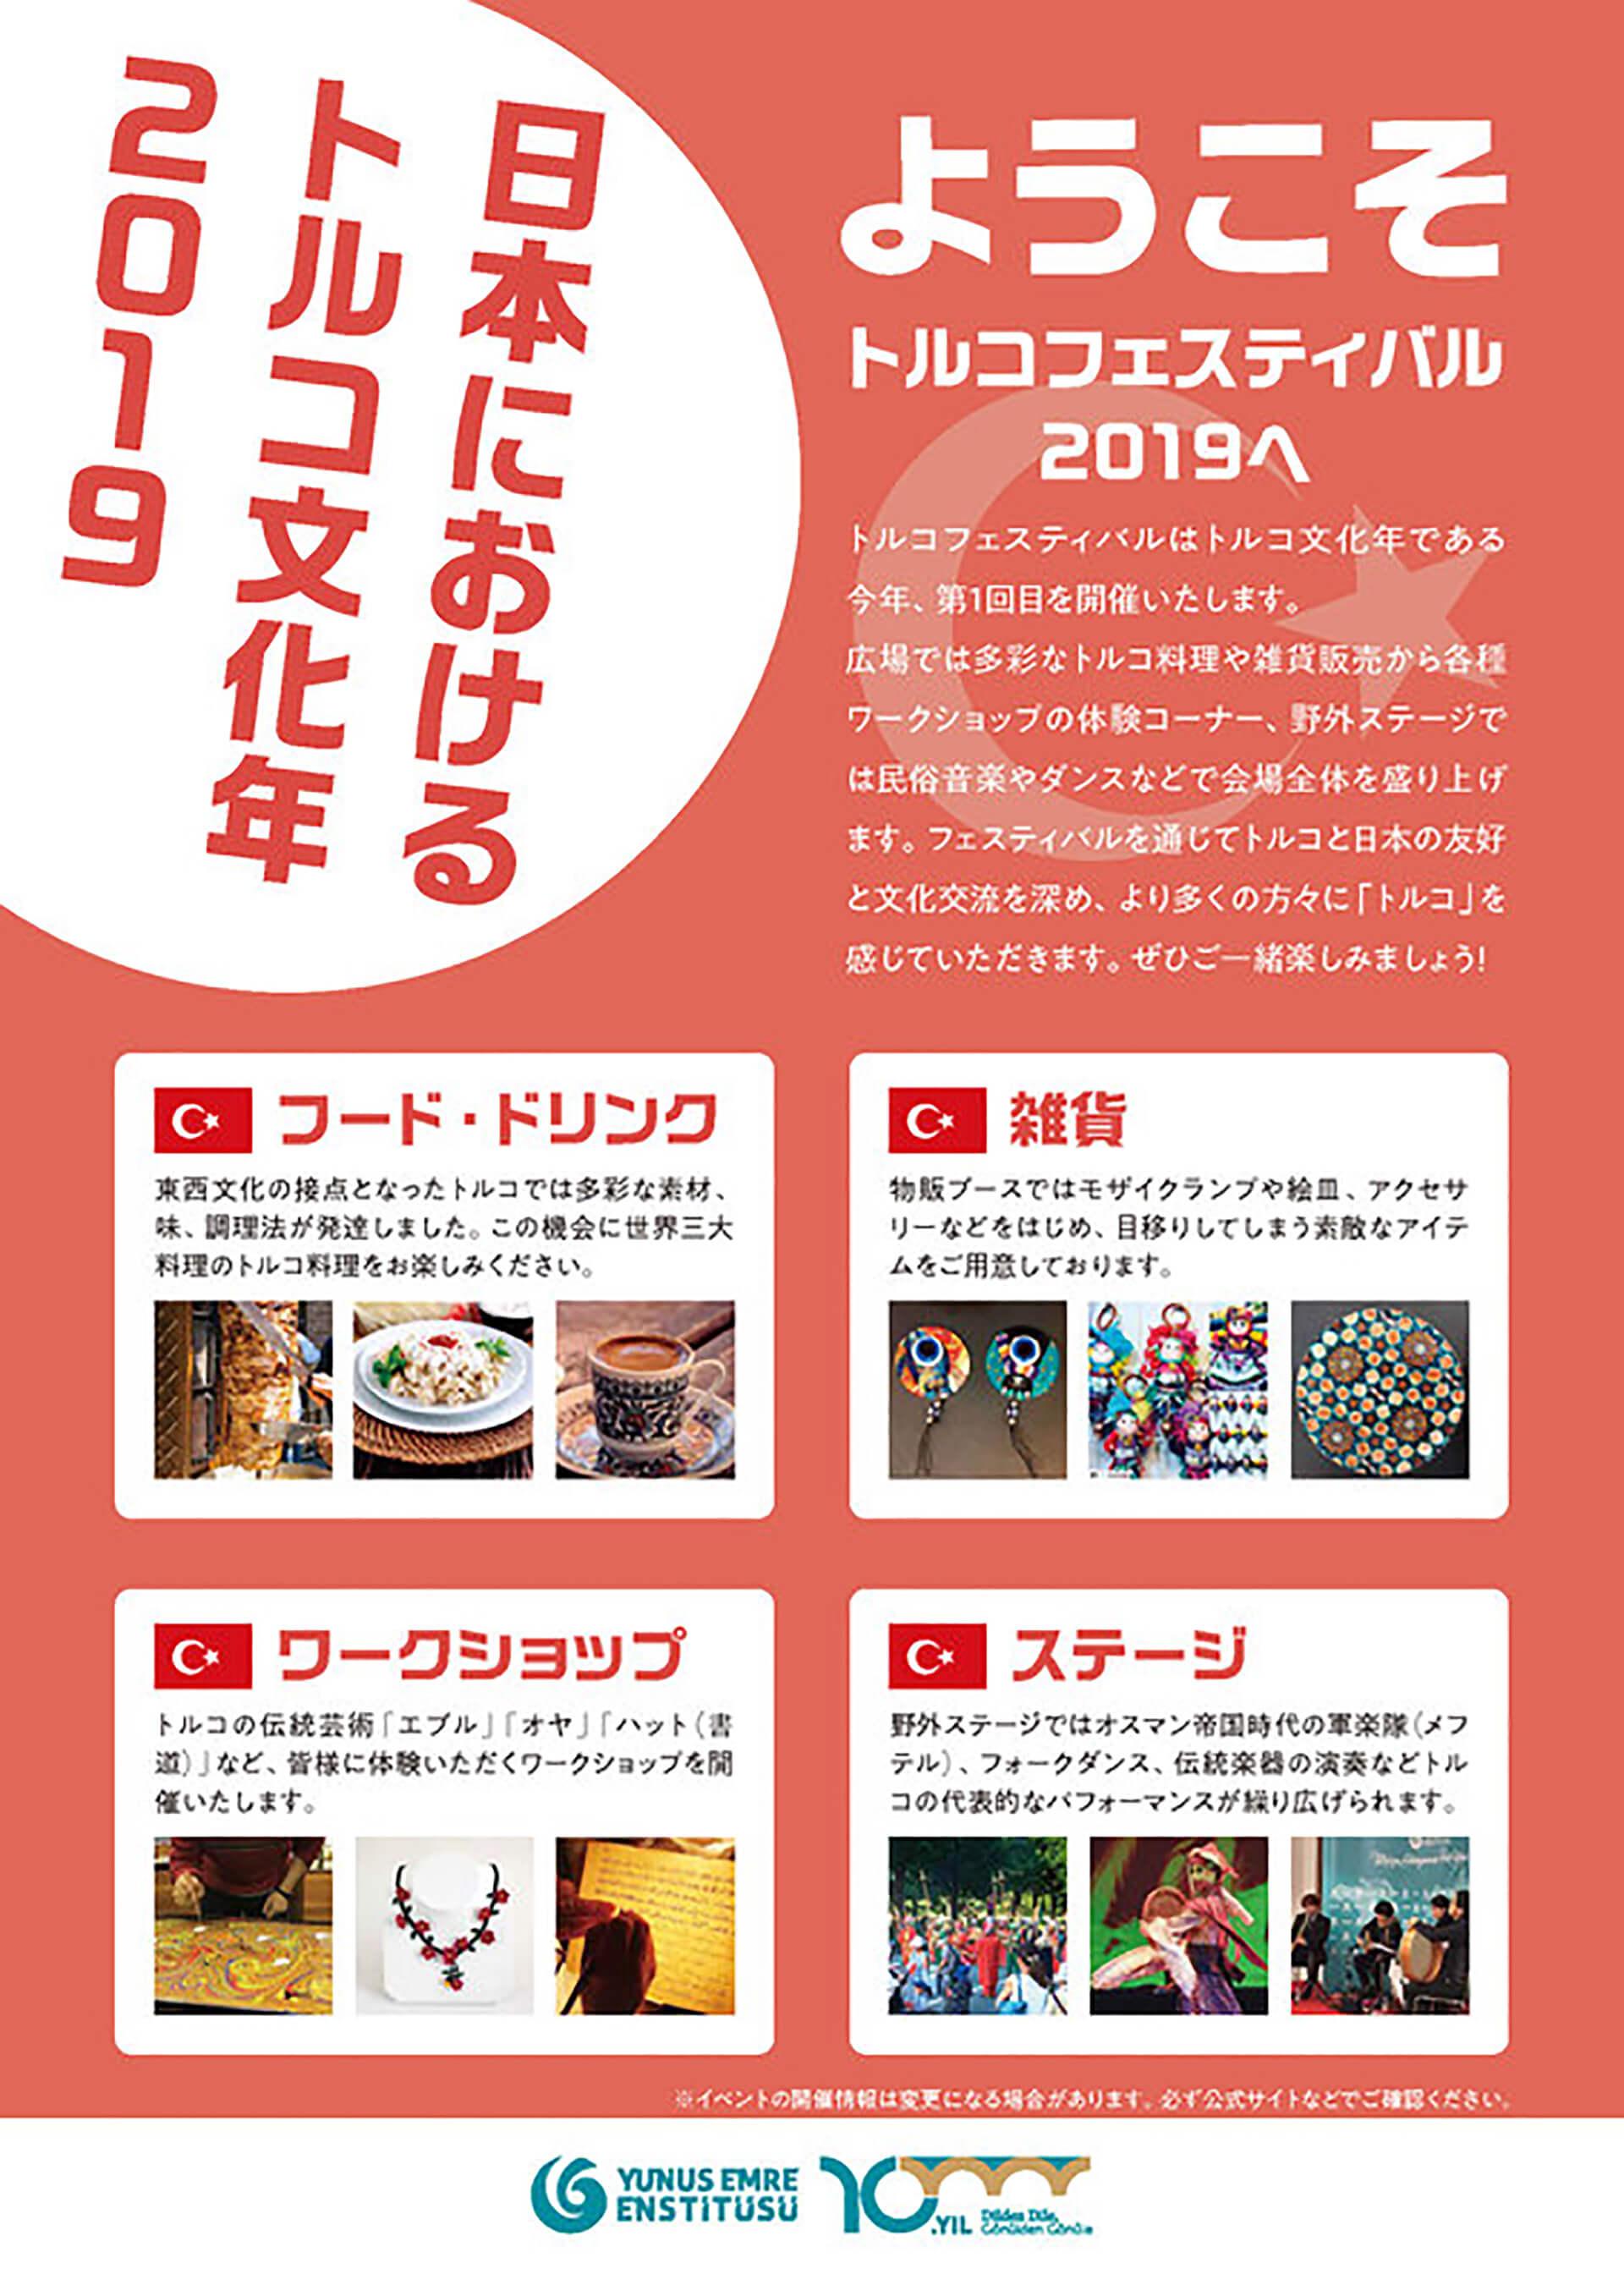 トルコフェスティバル2019の告知ポスター裏